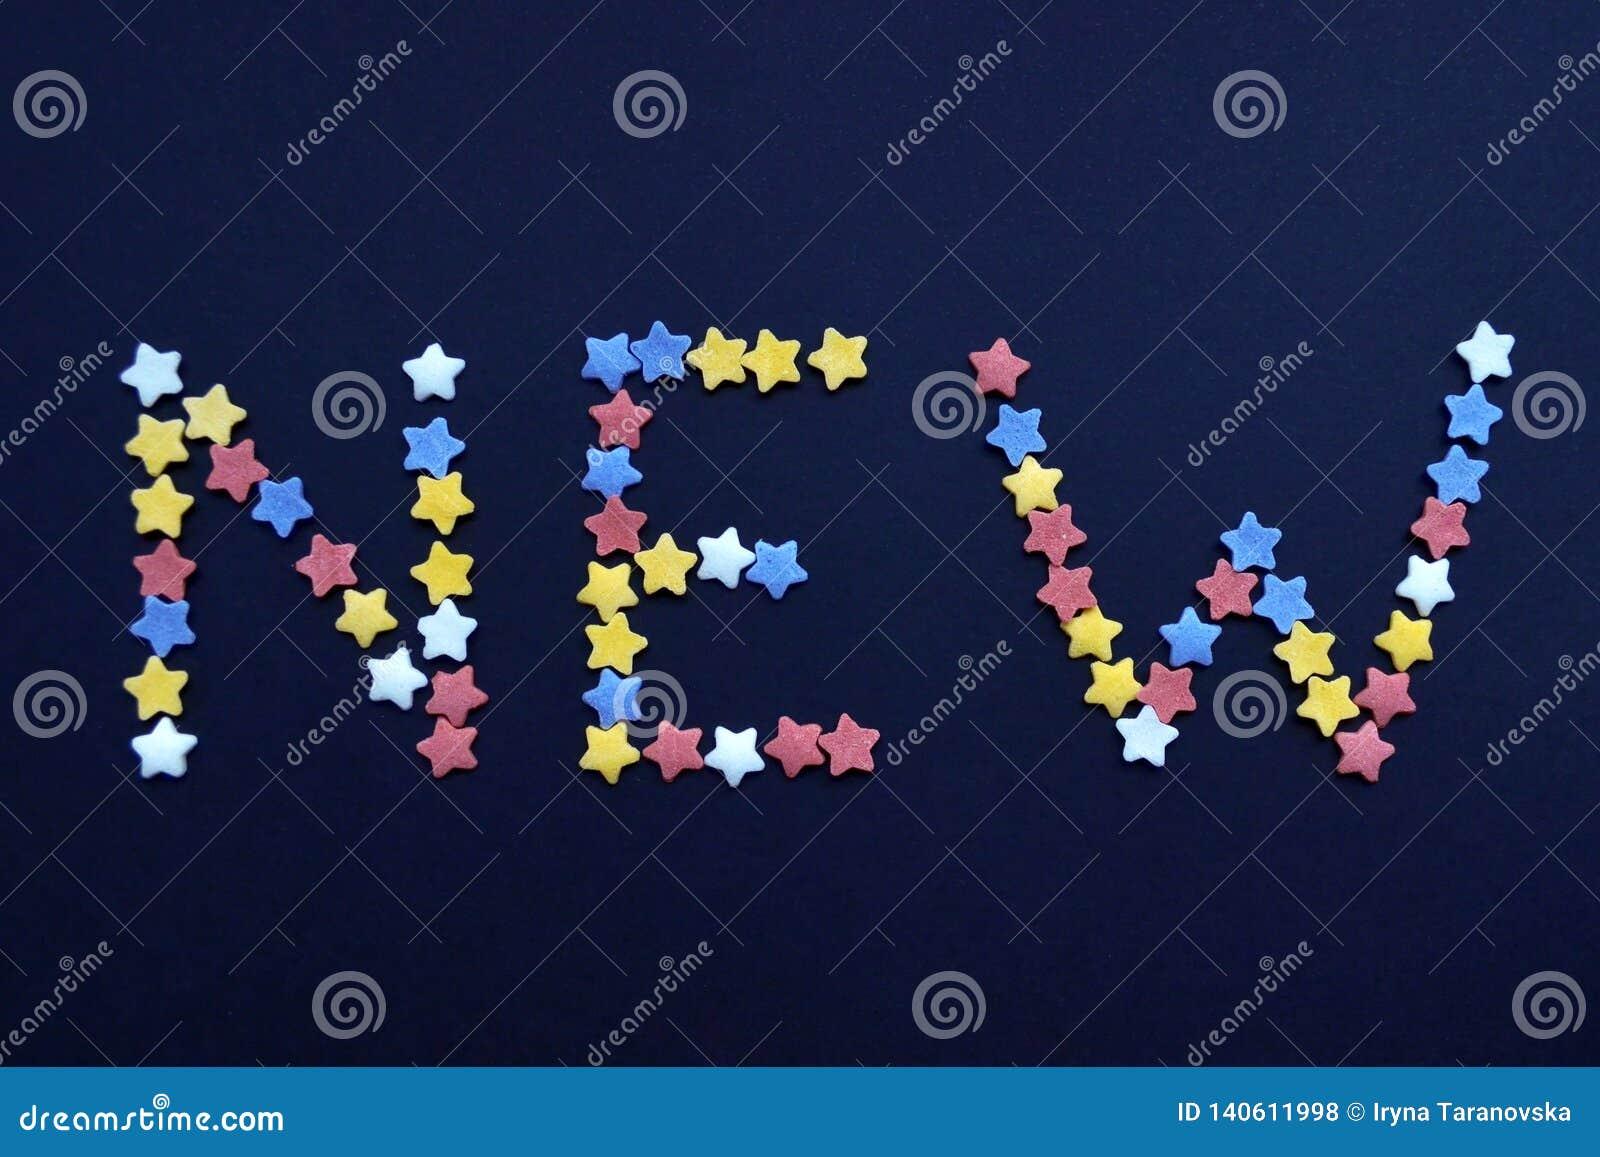 Słowo Nowy napisze w cienkim typie cukrowe ciasto gwiazdy na błękitnym tle, dla, reklamuje, handel, sprzedaże